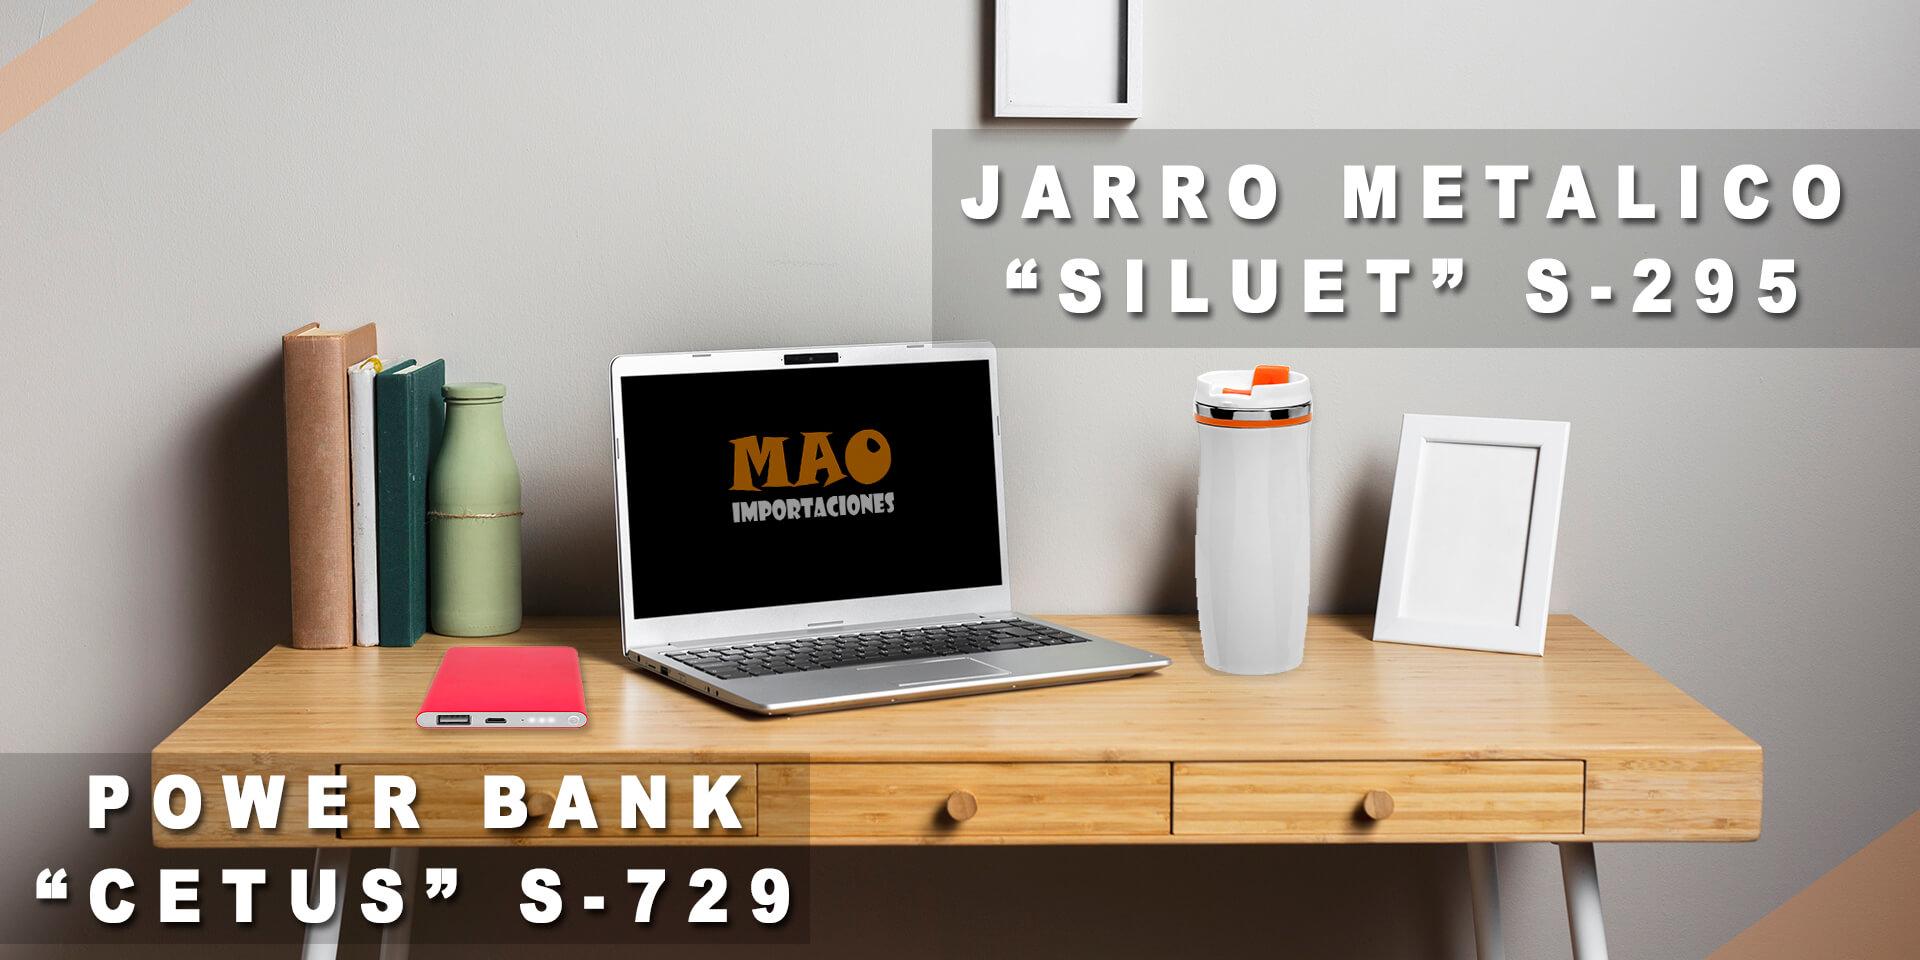 mao-importaciones-banner-grande-1